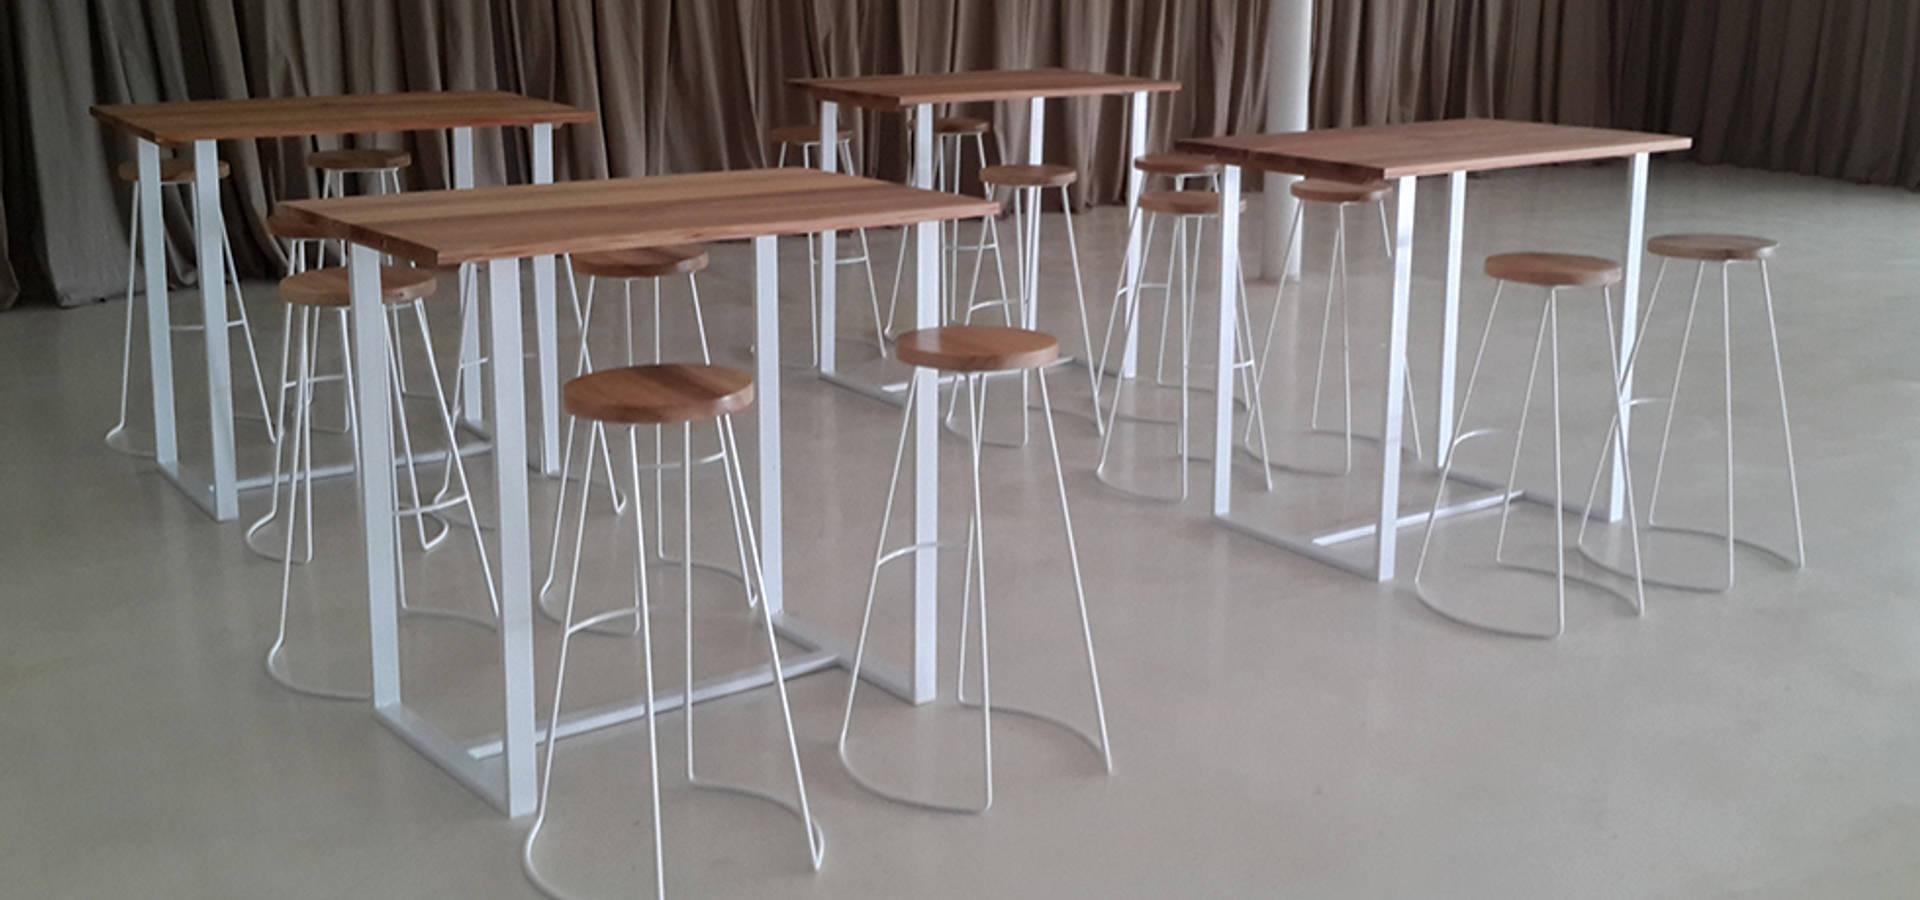 Banquetas de dise o en hierro y madera de tabureto homify for Banquetas de madera